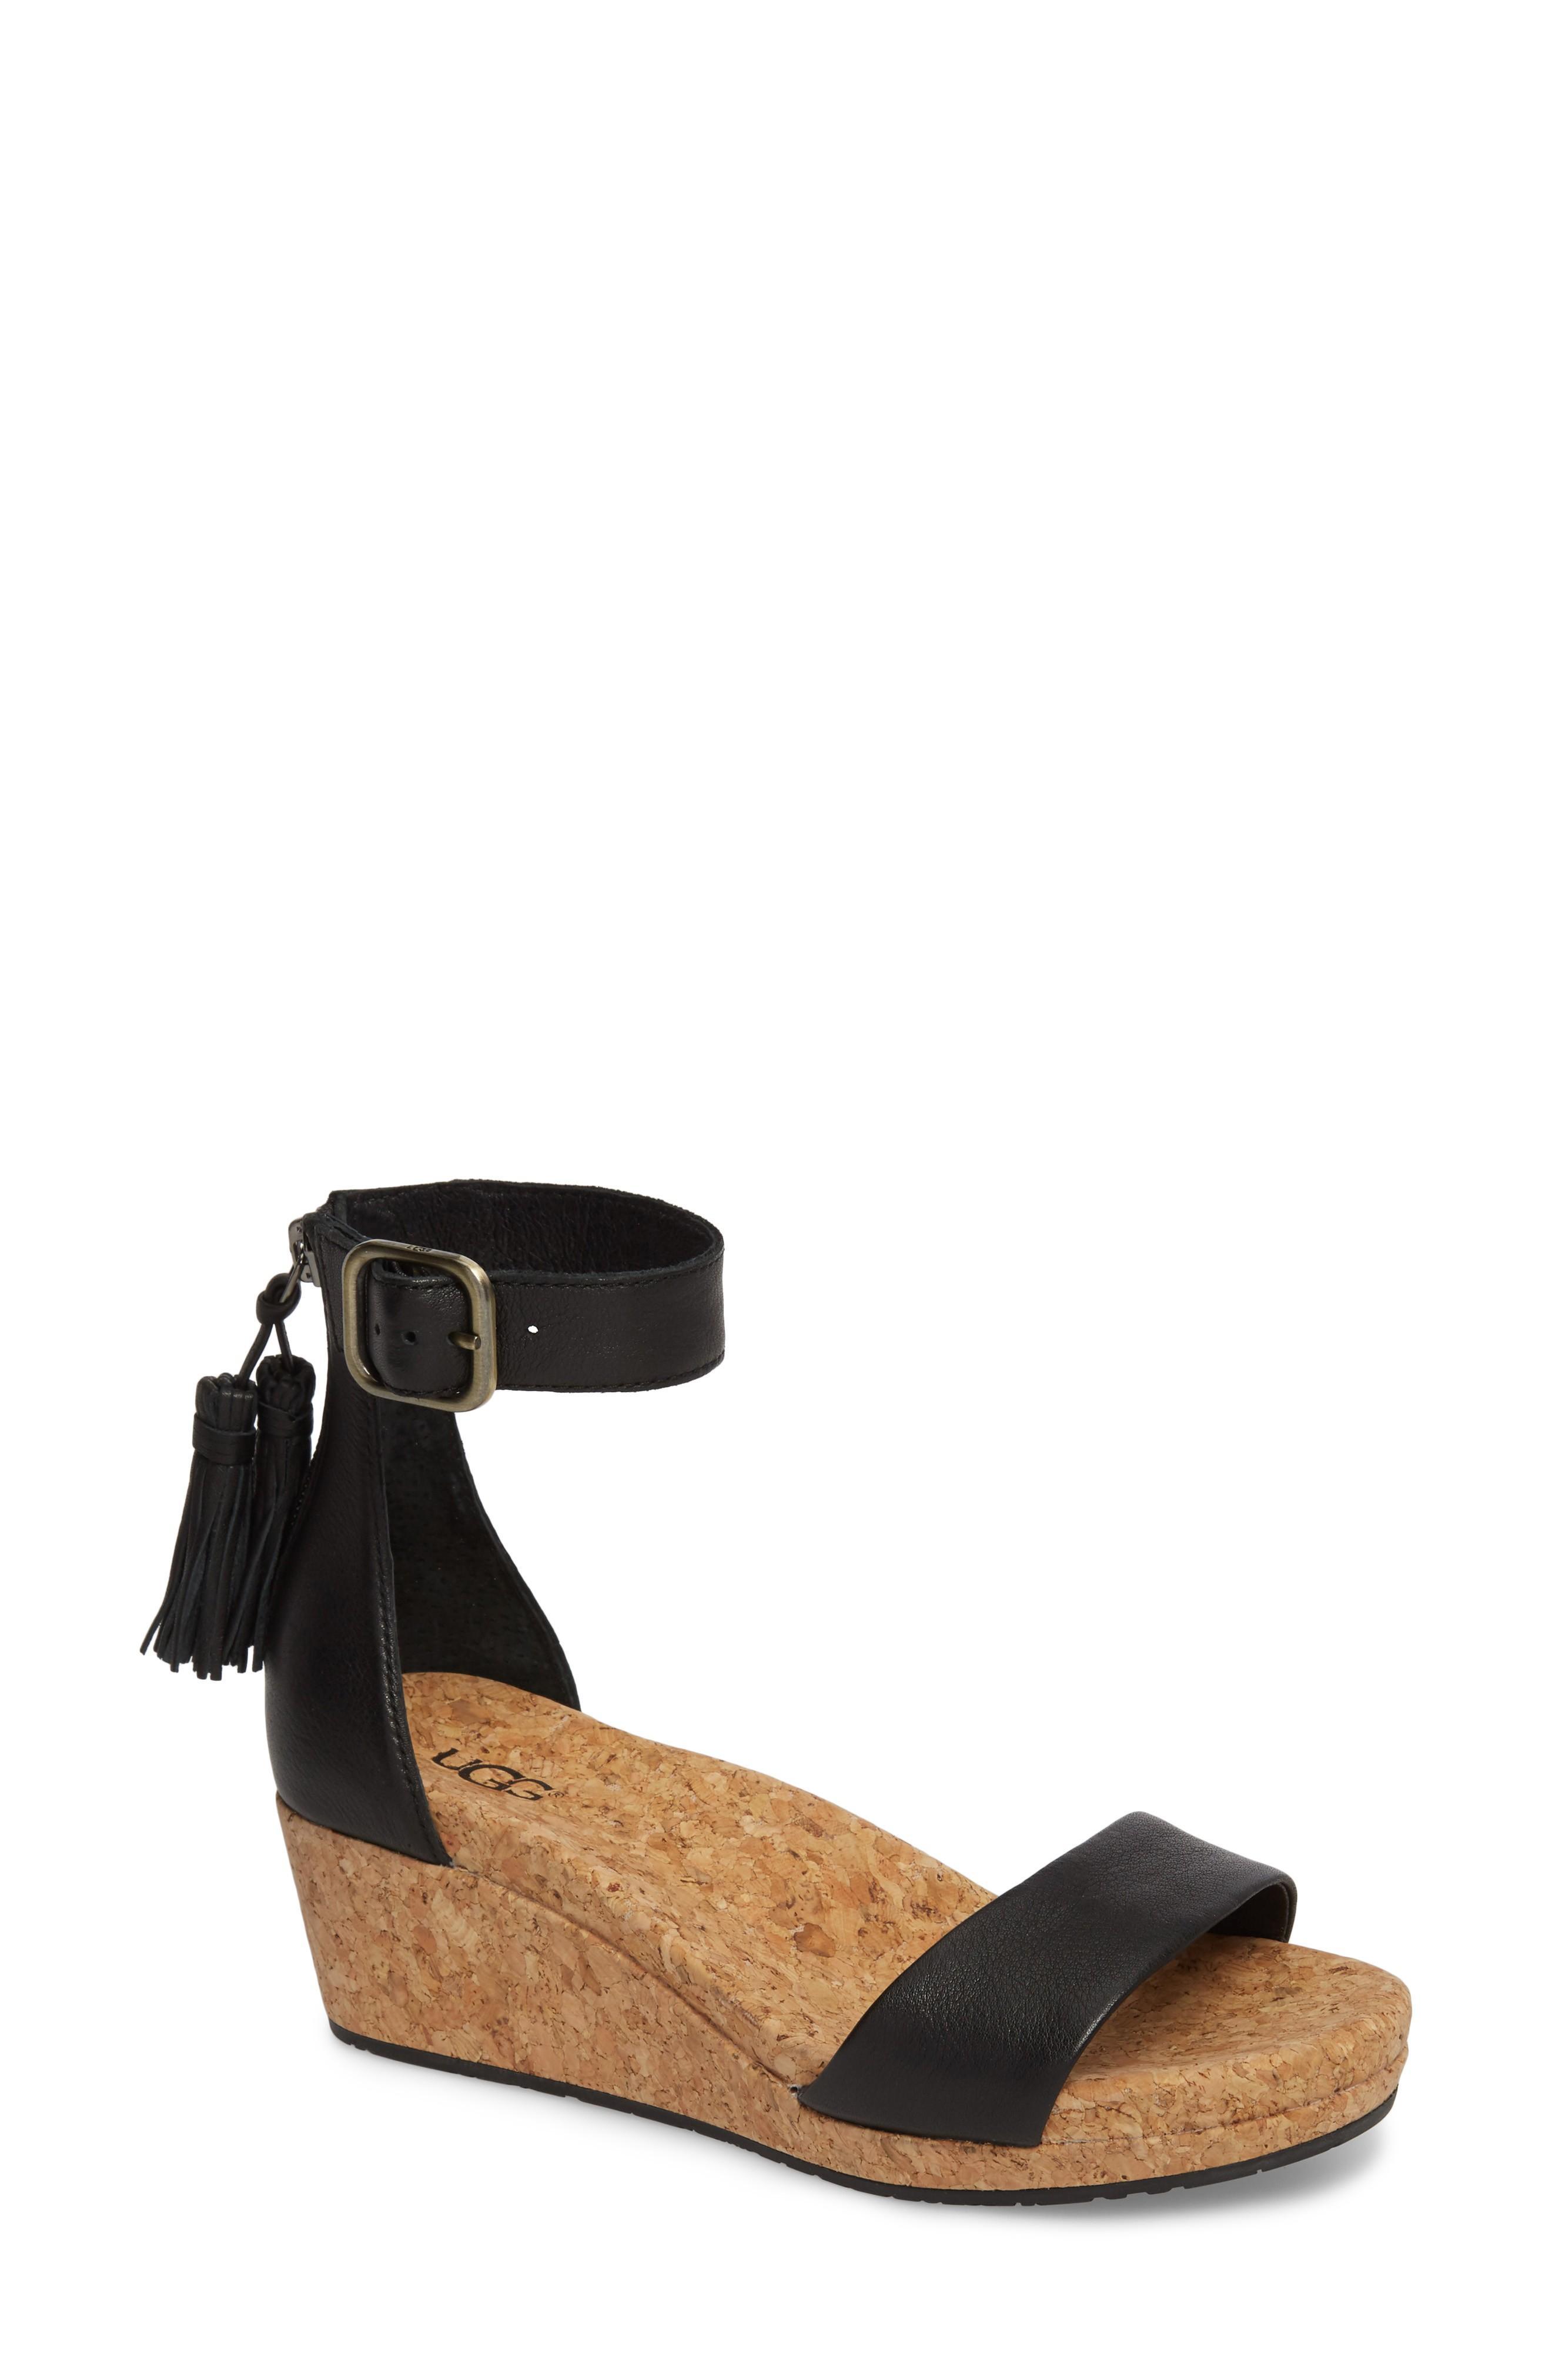 9cff64e7f11 Ugg Zoe Wedge Sandal In Black Leather